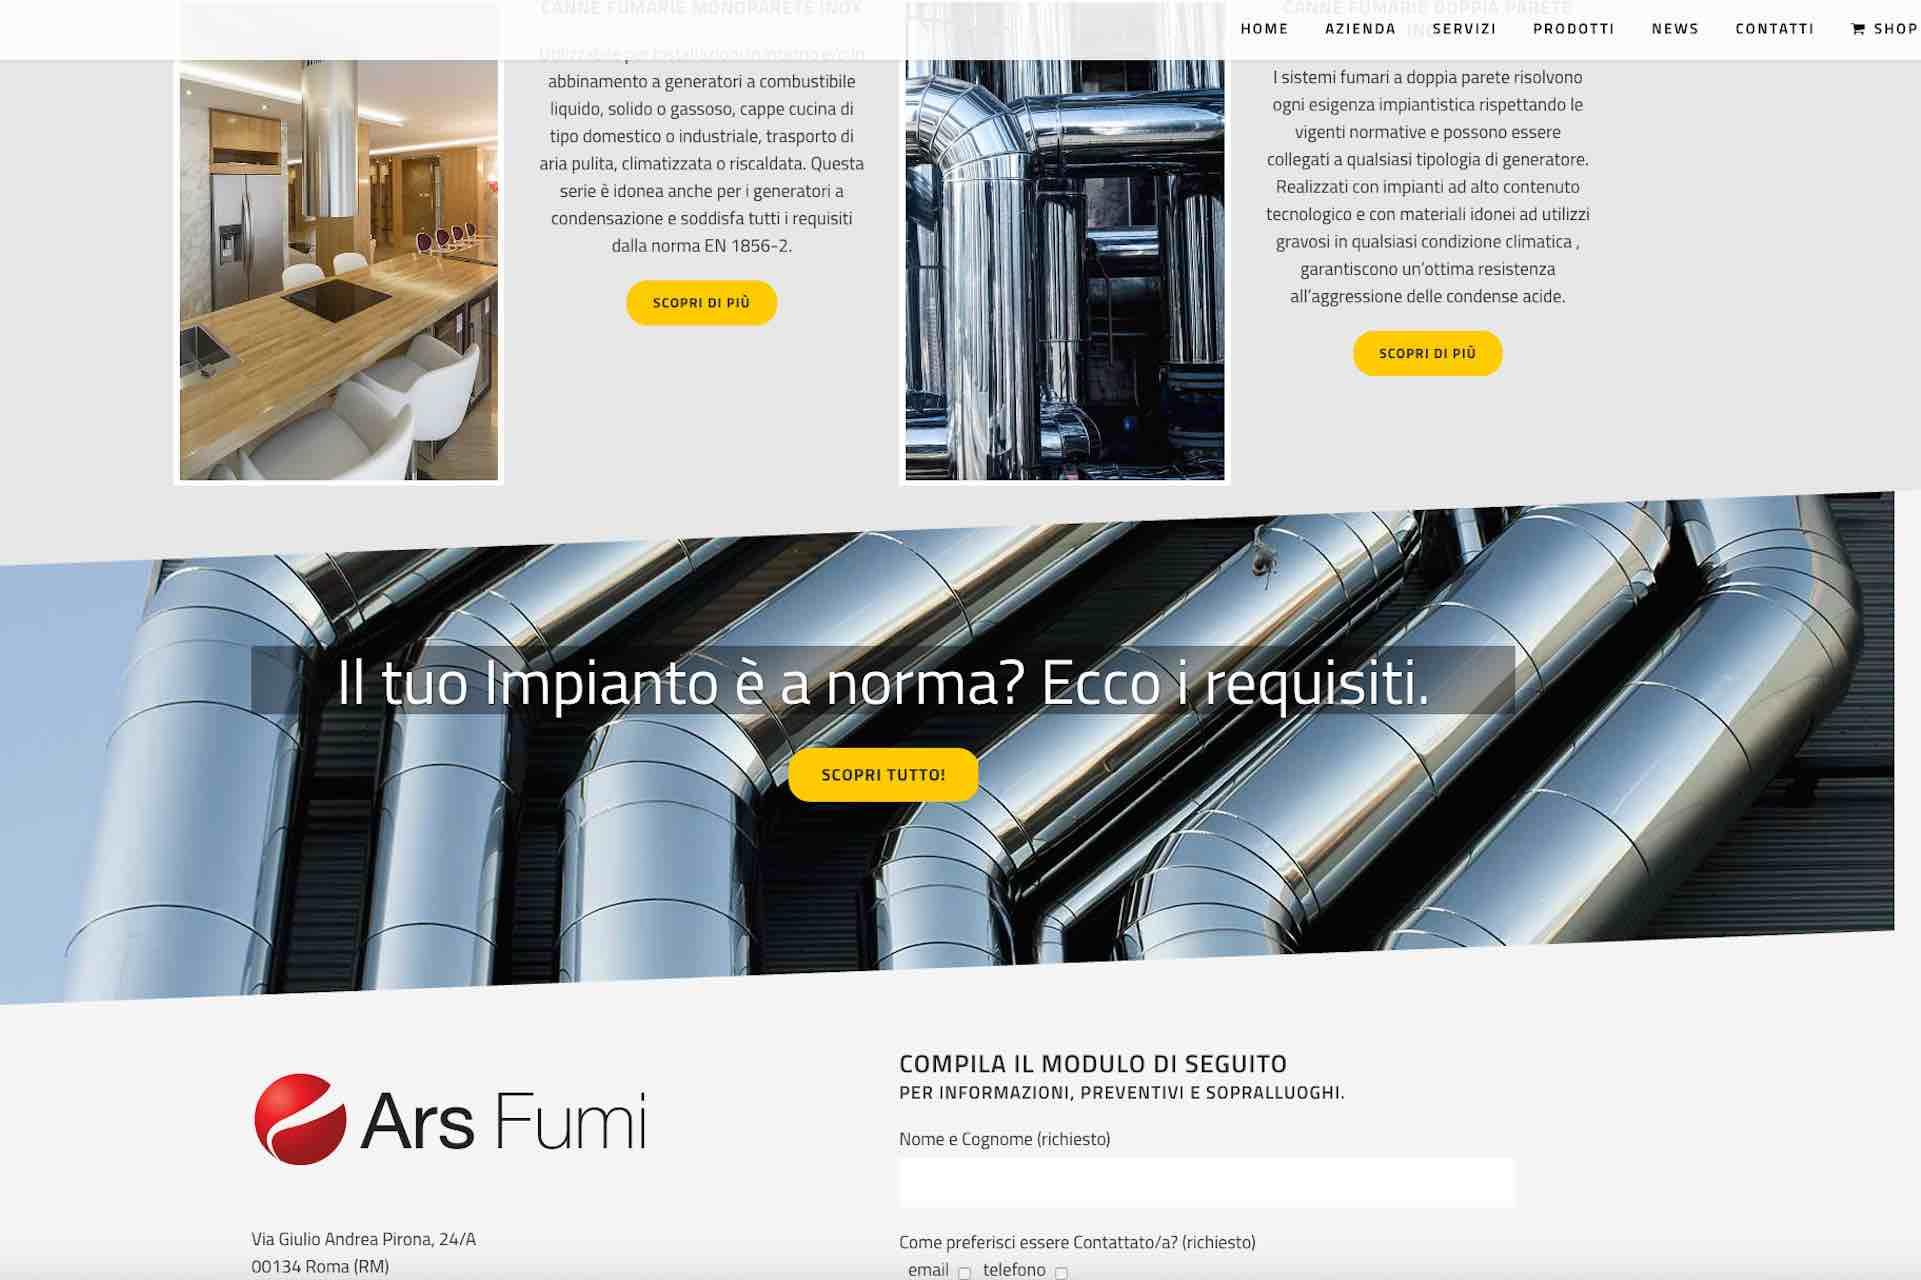 ars-fumi-sito-web